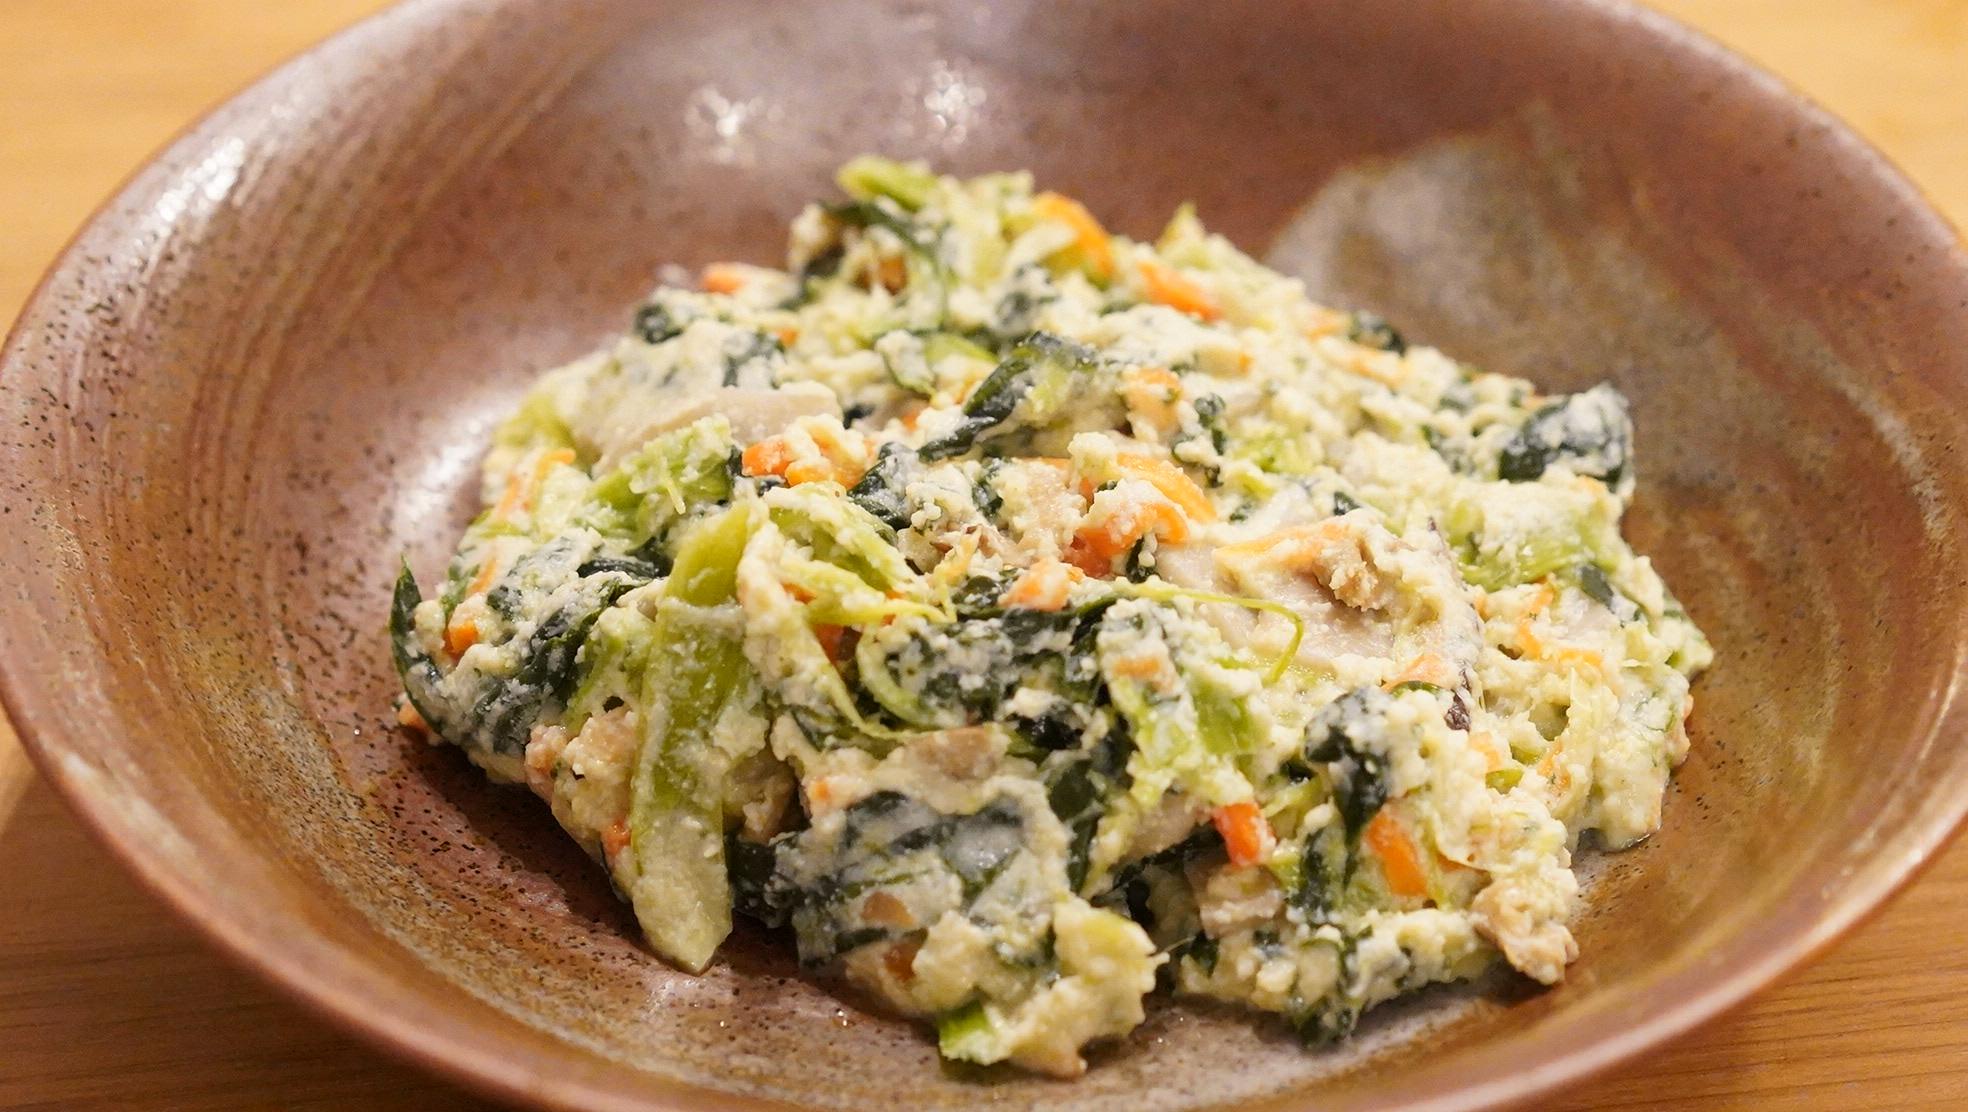 無印良品のおすすめ冷凍食品「小松菜の白和え」の写真